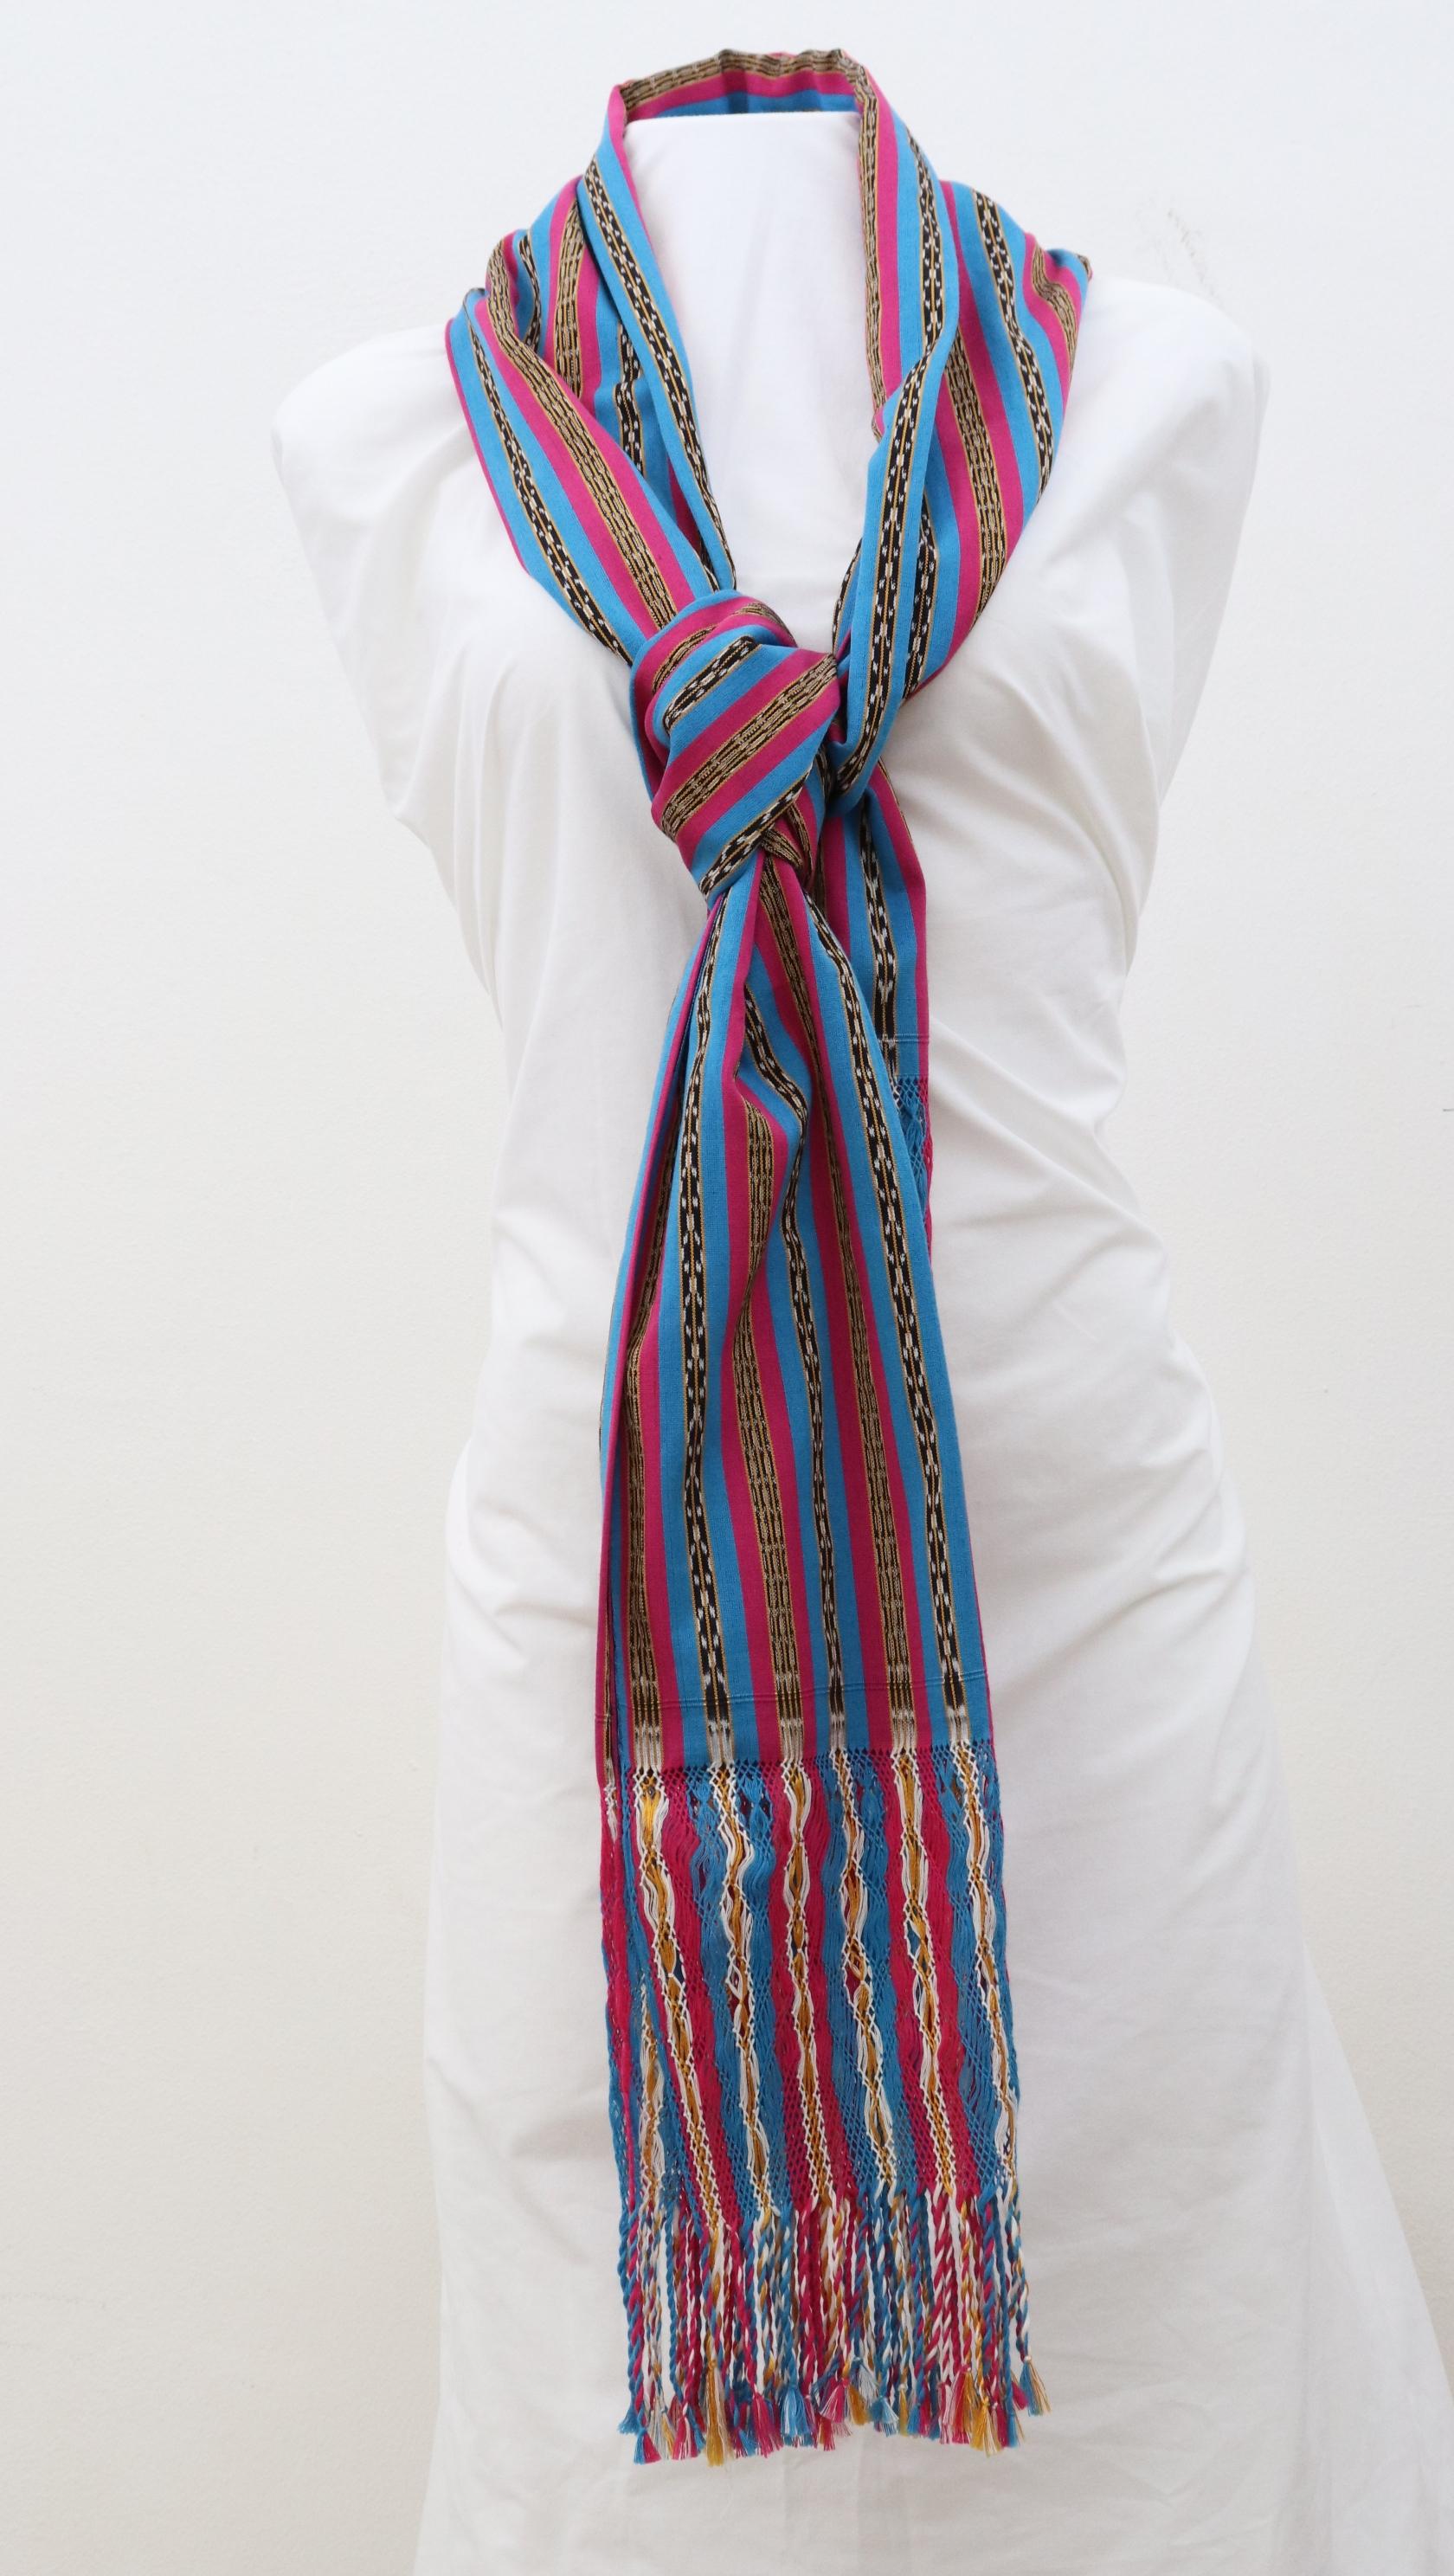 Rebozo mexicano. Bufanda. Envoltura de mujer. Envoltura de tarde. Distintas formas de vestir.